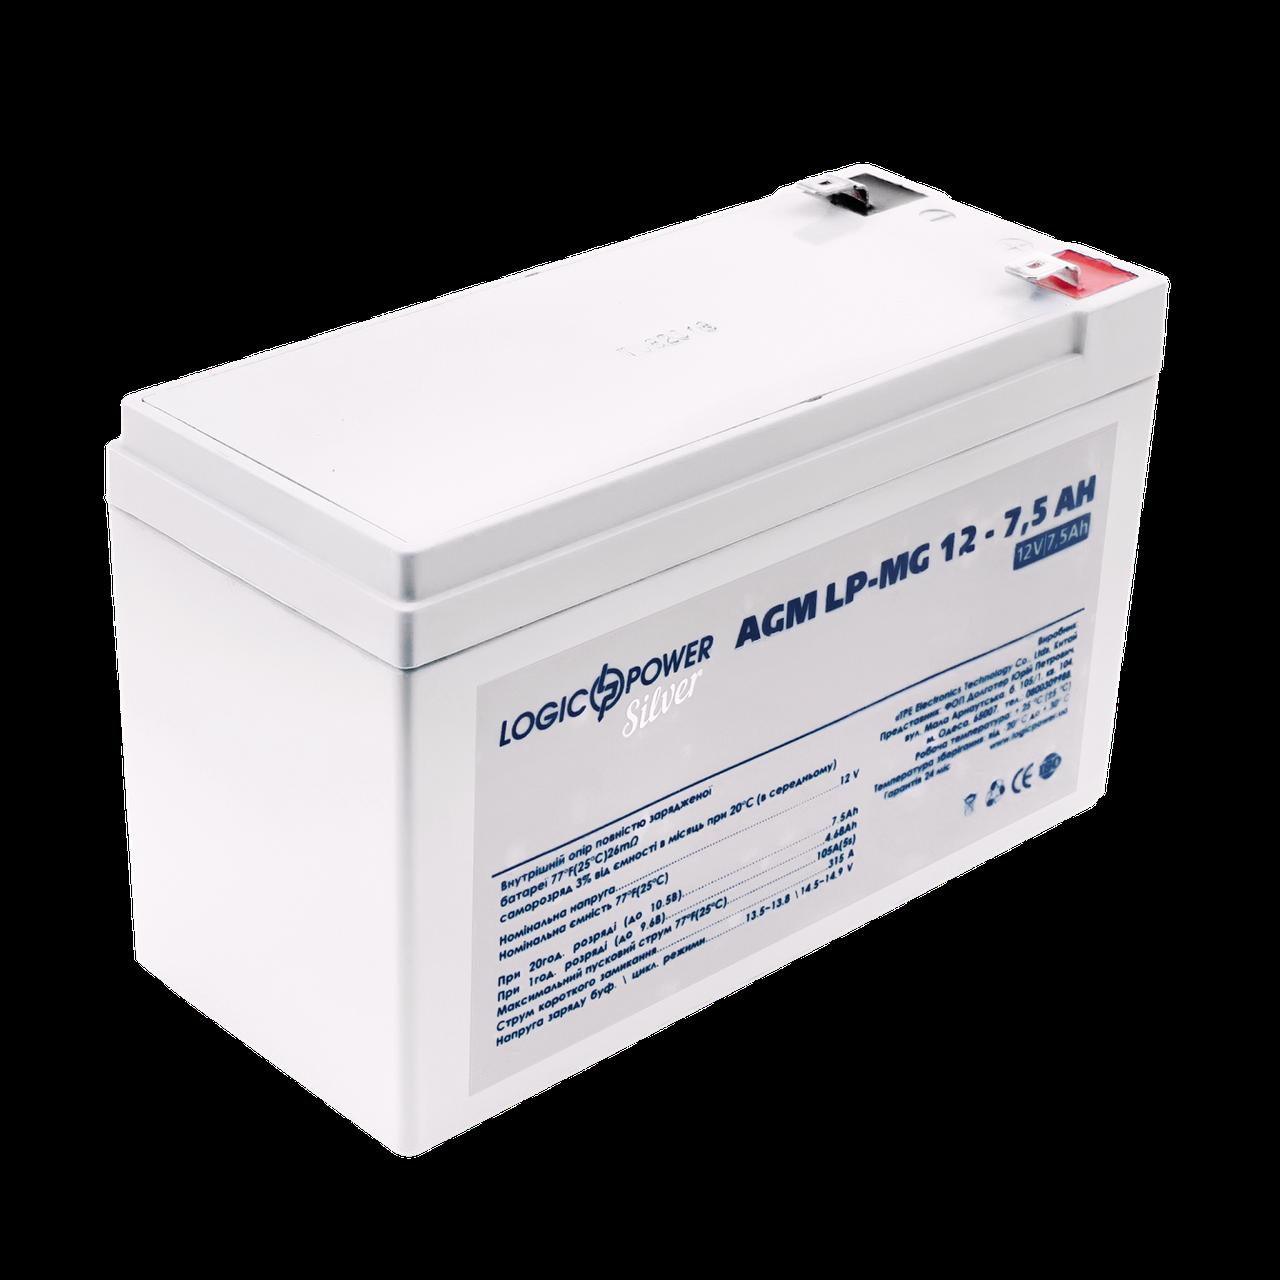 Аккумулятор мультигелевый AGM LP-MG 12 - 7,5 AH SILVER (2018)